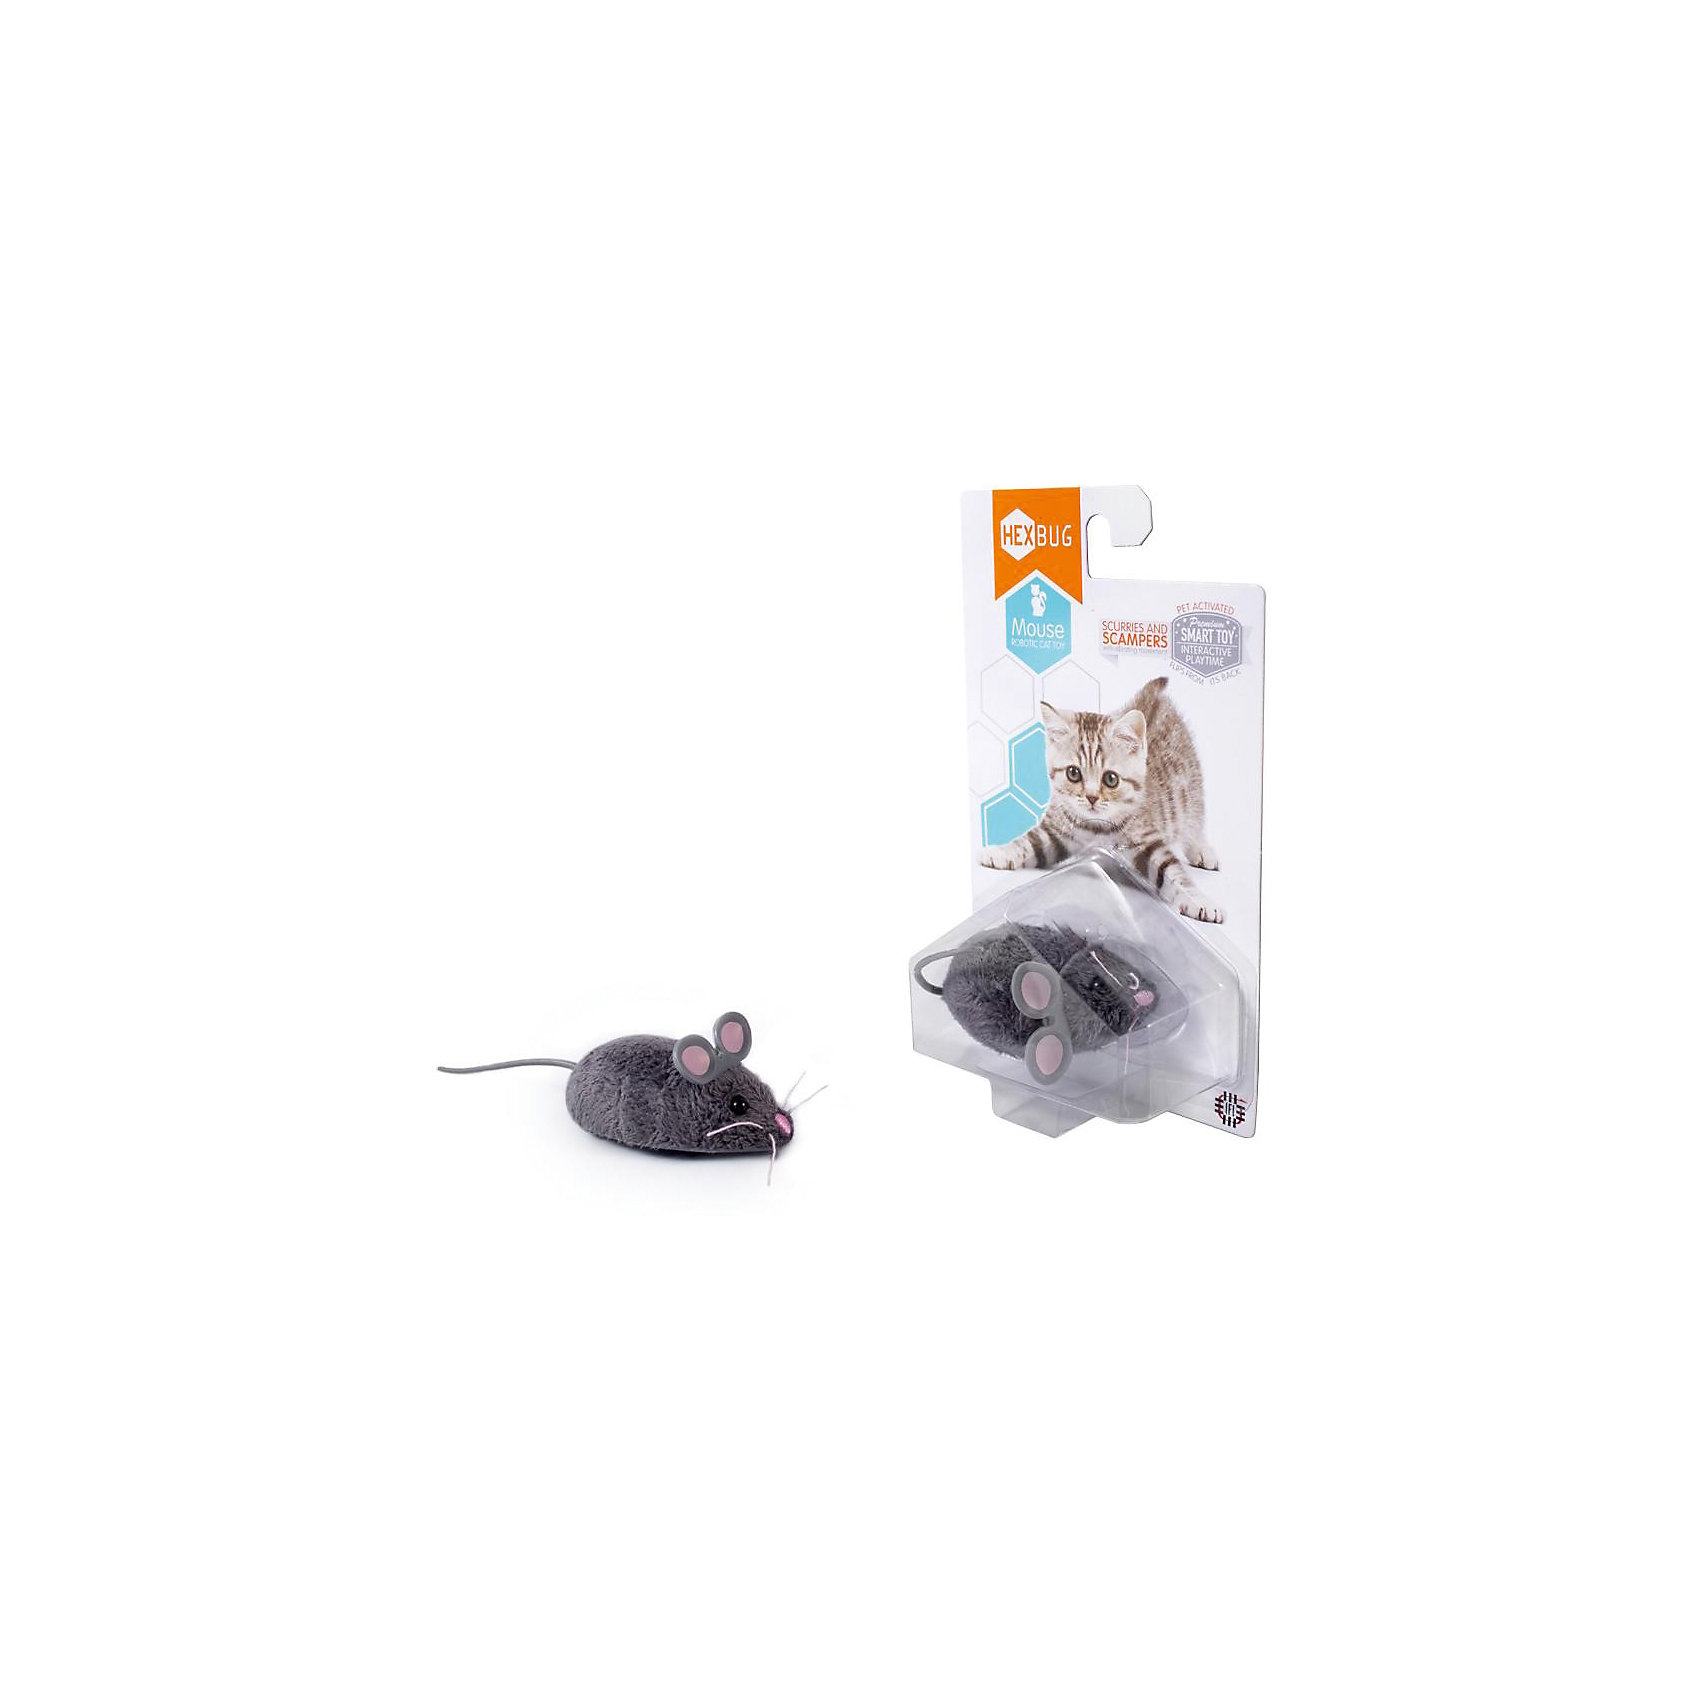 Микро-робот Mouse Cat Toy, HexbugИнтерактивные игрушки для малышей<br>Микро-робот Mouse Cat Toy, Hexbug (Хексбаг)<br><br>Характеристики:<br><br>• устойчив к механическим повреждениям<br>• 2 режима работы<br>• автоматическое отключение<br>• материал: пластик, металл, искусственная шерсть<br>• батарейки: LR44 - 2 Шт.<br>• размер: 6,5 см<br>• размер упаковки: 17х9х4 см<br>• вес: 80 грамм<br><br>Микро-робот Mouse Cat Toy порадует вас и вашего питомца своей ловкостью и энергичностью. Робот выполнен в виде маленькой мышки, а его детали настолько реалистичны, что вы с трудом отличите Mouse Can Toy от настоящей мышки. Робот передвигается в разных направлениях, есть два режима игры. В первом режиме робот двигается непрерывно, а во втором - останавливается. После пяти минут работы мышка отключается. Чтобы снова включить робота, достаточно дотронуться для него. Микро-робот Mouse Can Toy - отличное развлечение для всей семьи!<br><br>Микро-робота Mouse Cat Toy, Hexbug (Хексбаг) вы можете купить в нашем интернет-магазине.<br><br>Ширина мм: 160<br>Глубина мм: 40<br>Высота мм: 100<br>Вес г: 37<br>Возраст от месяцев: 36<br>Возраст до месяцев: 2147483647<br>Пол: Унисекс<br>Возраст: Детский<br>SKU: 5507200